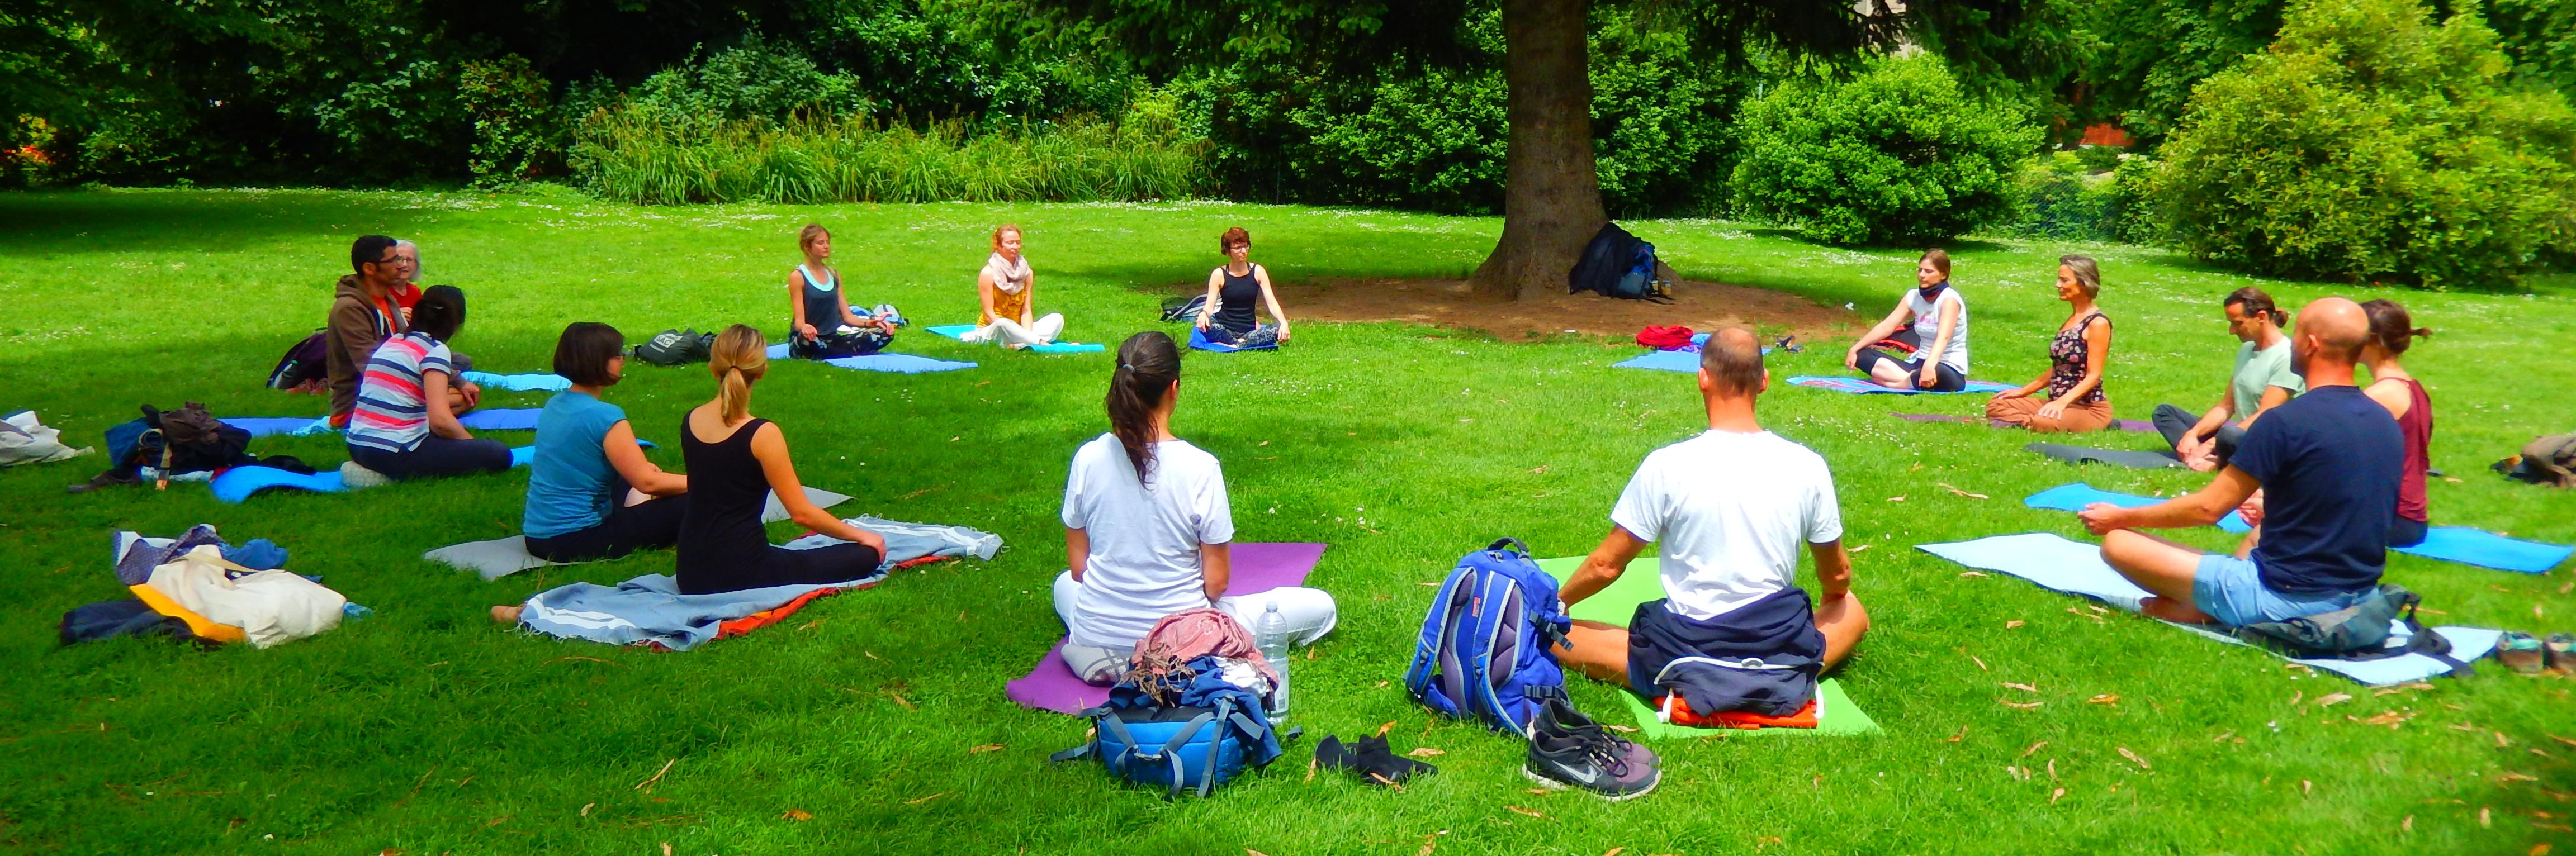 Yogalehrer Grundausbildung am Strang